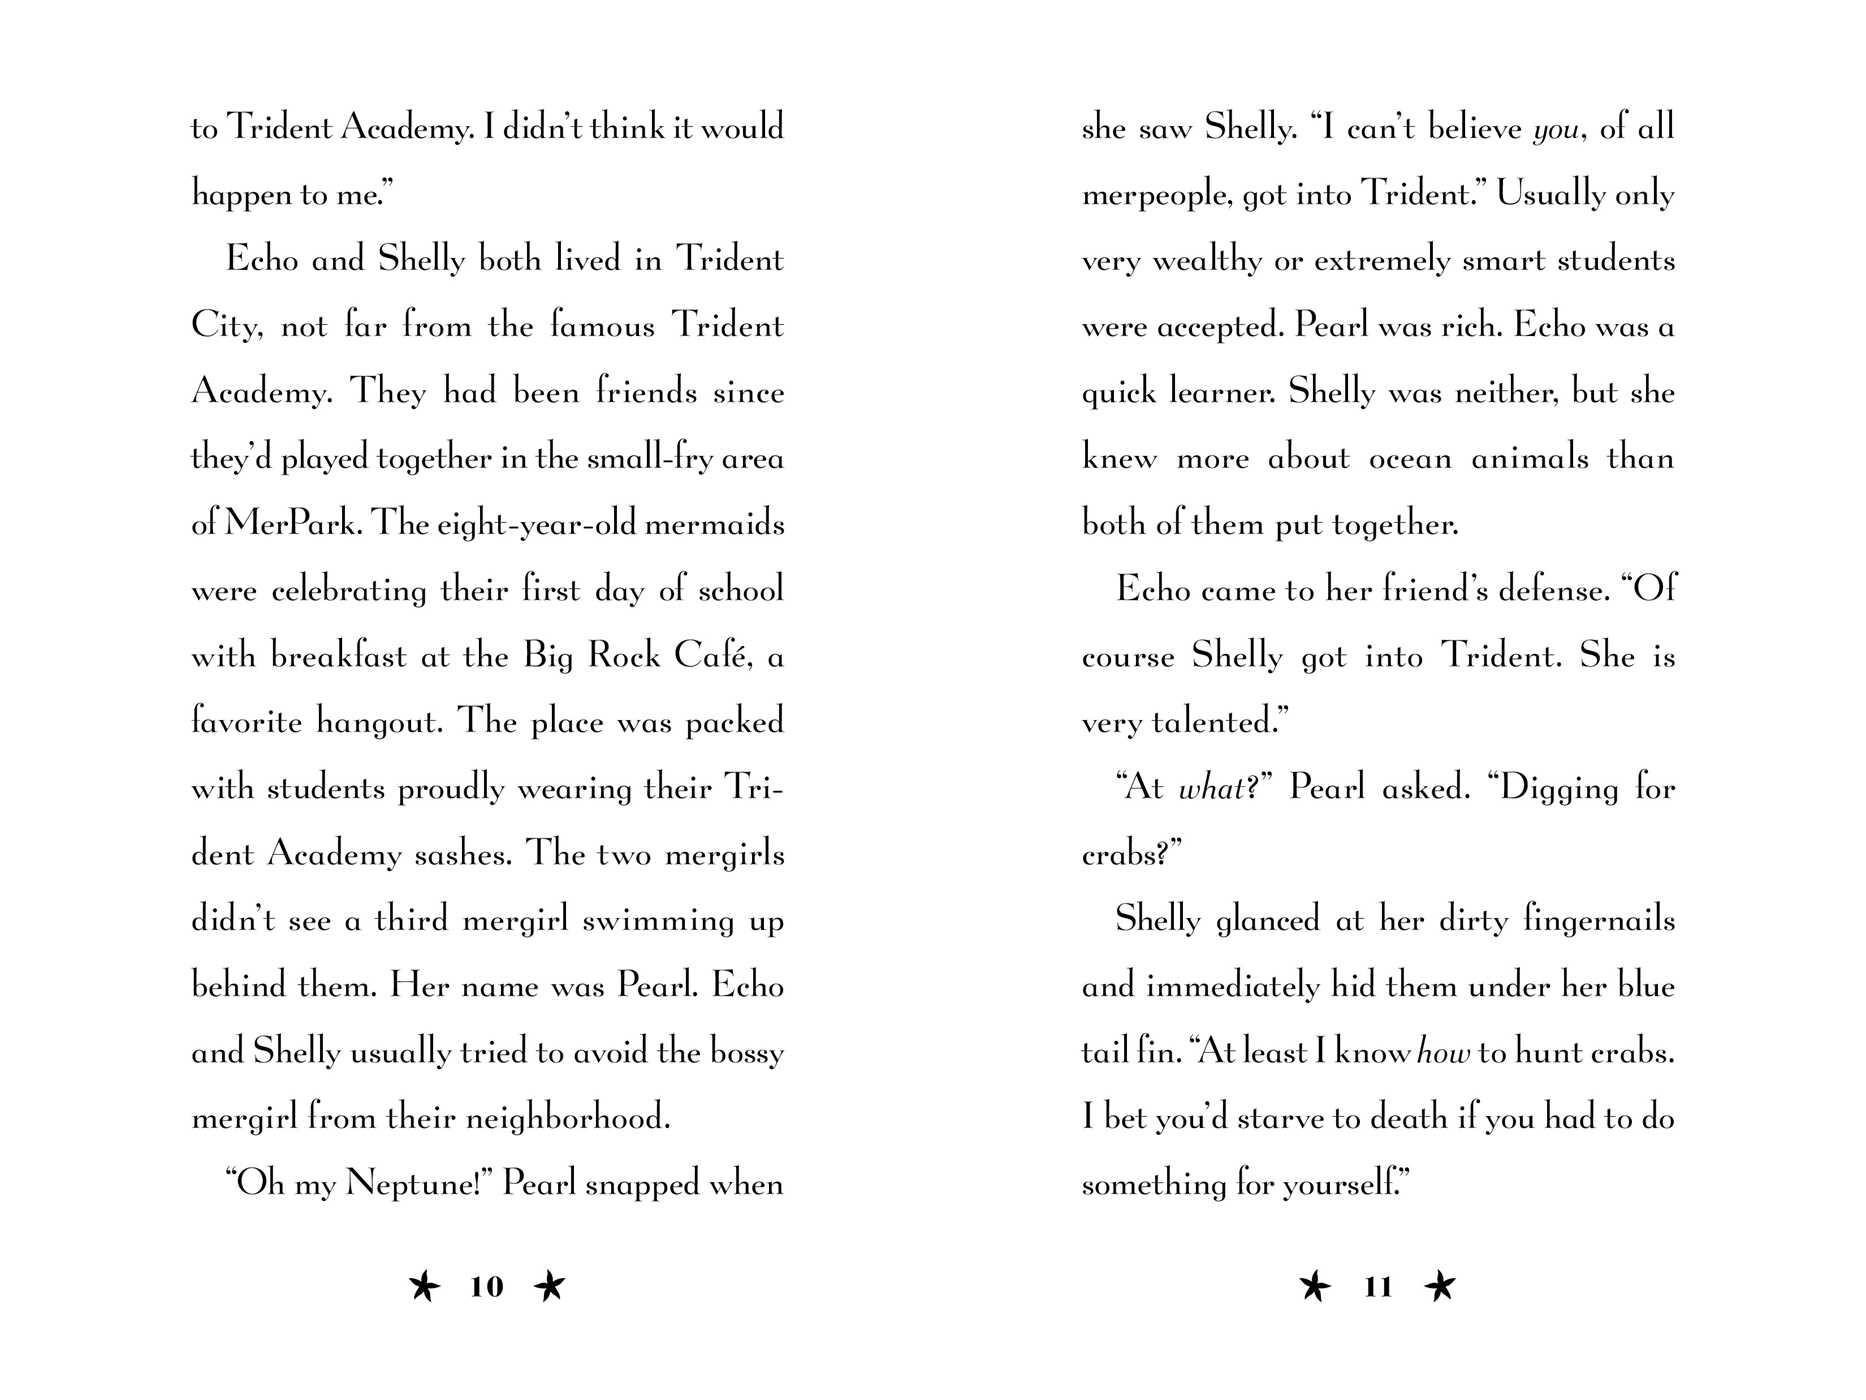 Mermaid tales 3 books in 1 9781481485555.in03